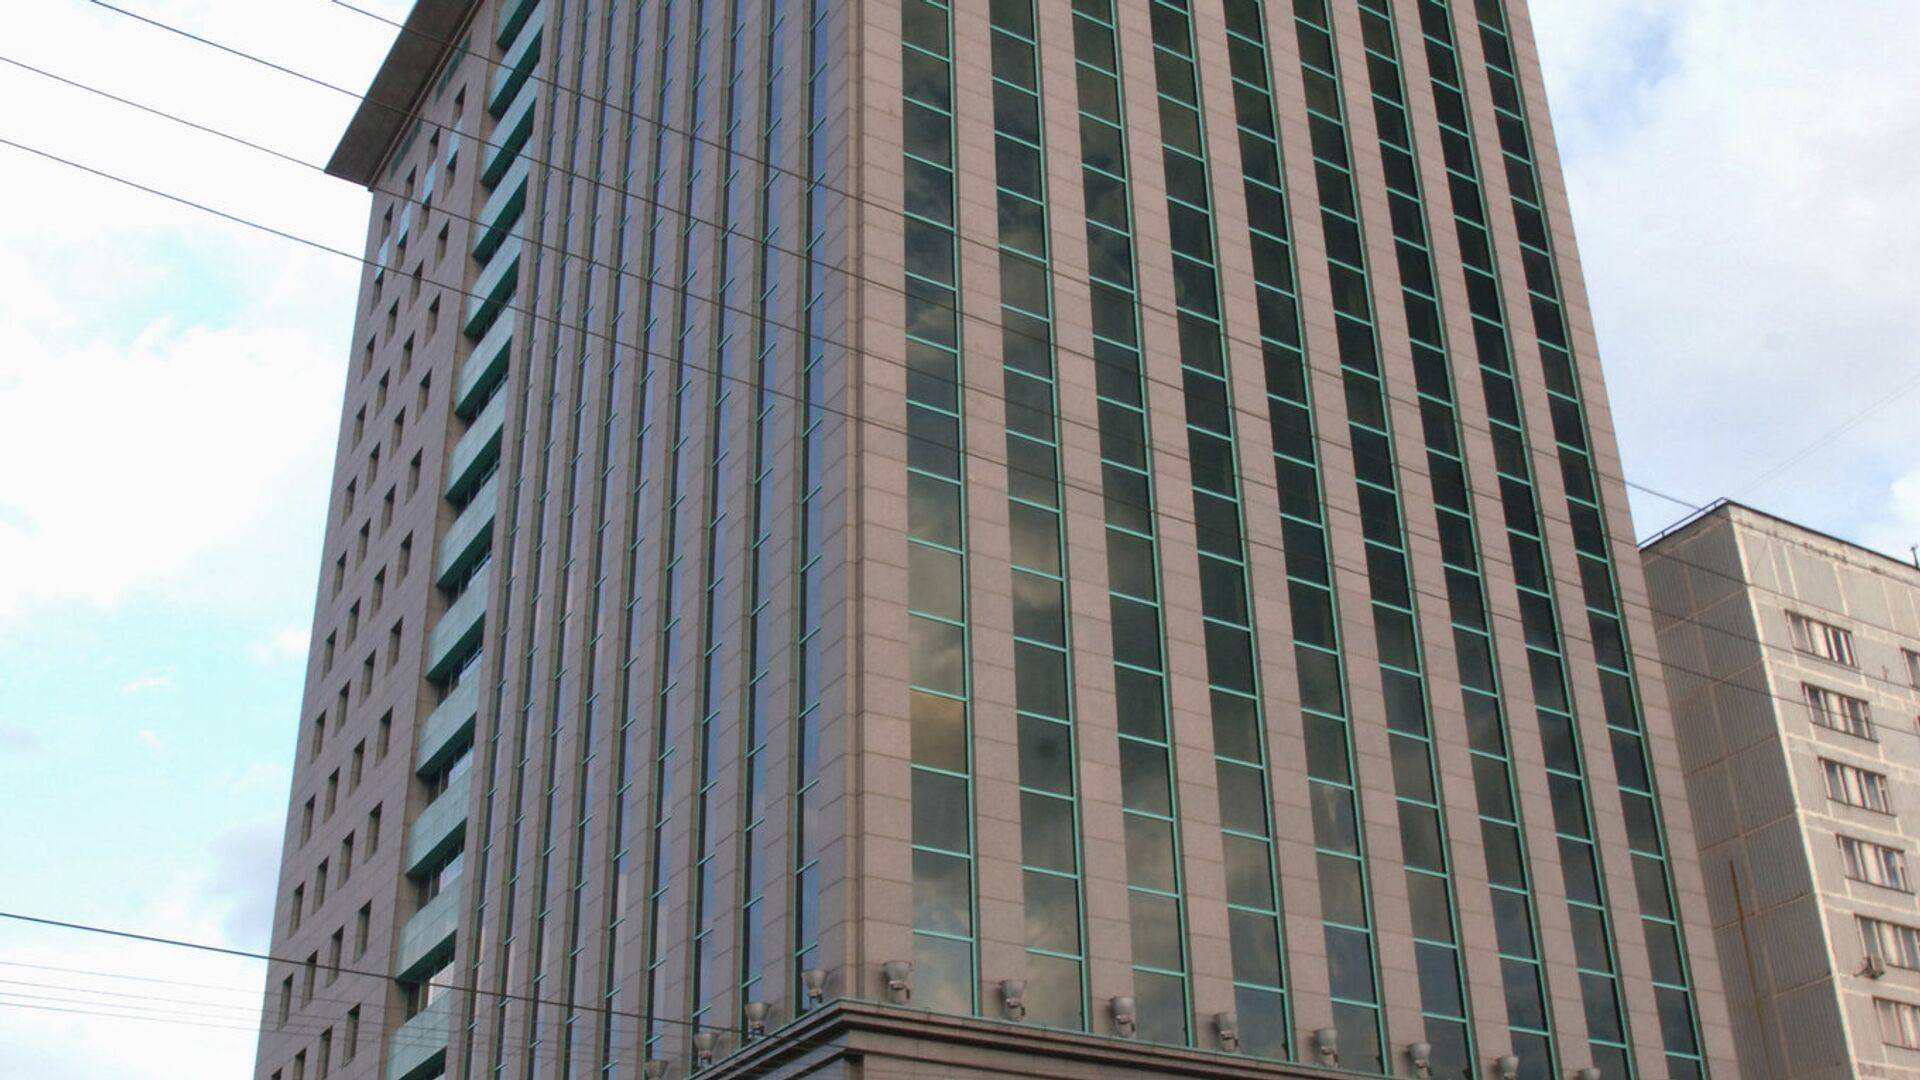 Здание нефтяной компании ЮКОС в Москве. 2007 год  - РИА Новости, 1920, 29.07.2021